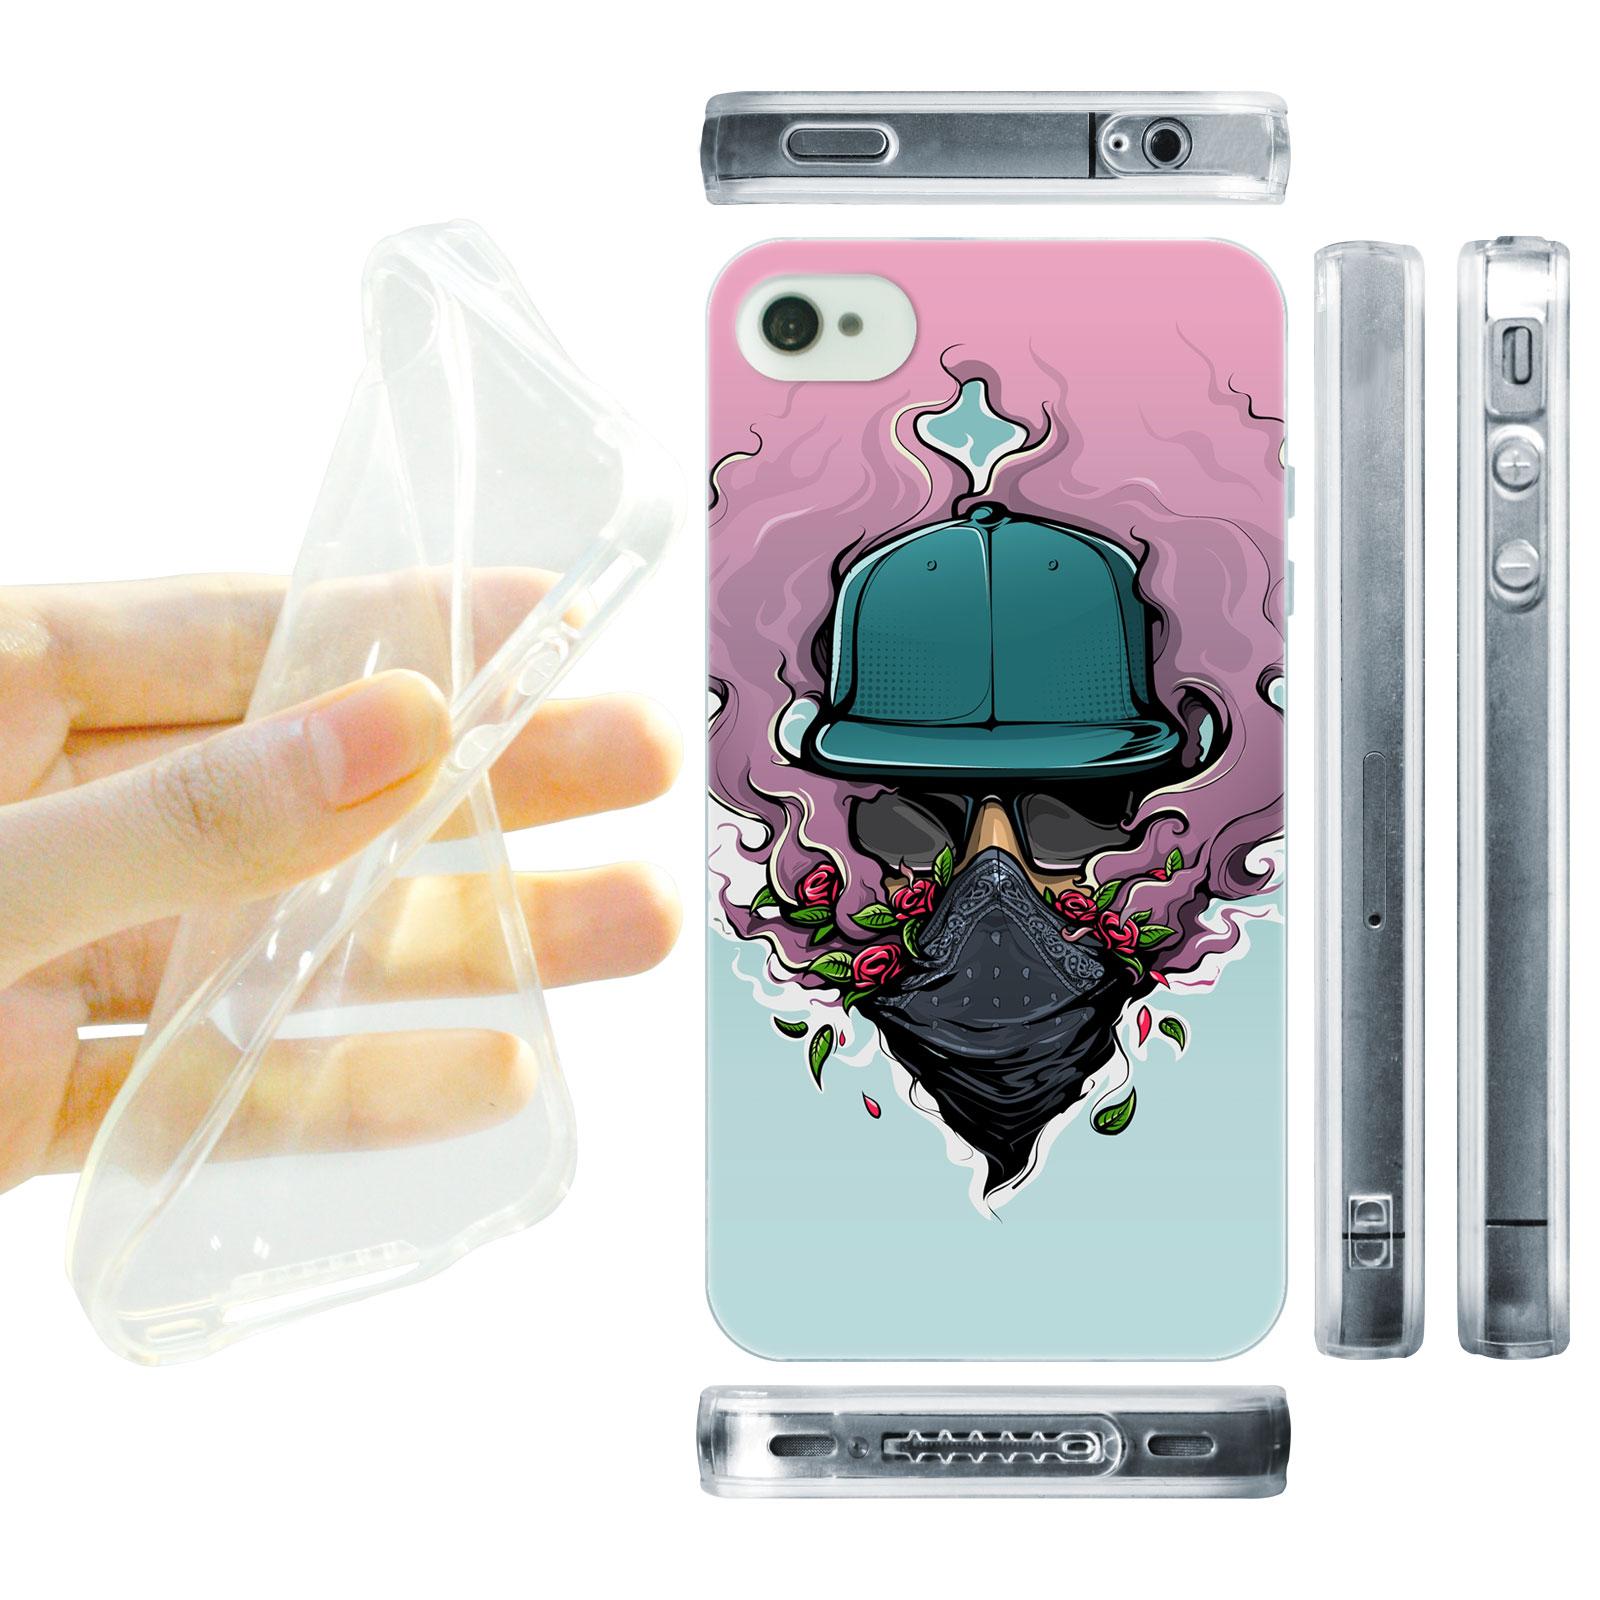 HEAD CASE silikonový obal na mobil Iphone 4/4S Urban styl láska z kouře fialová a modrá